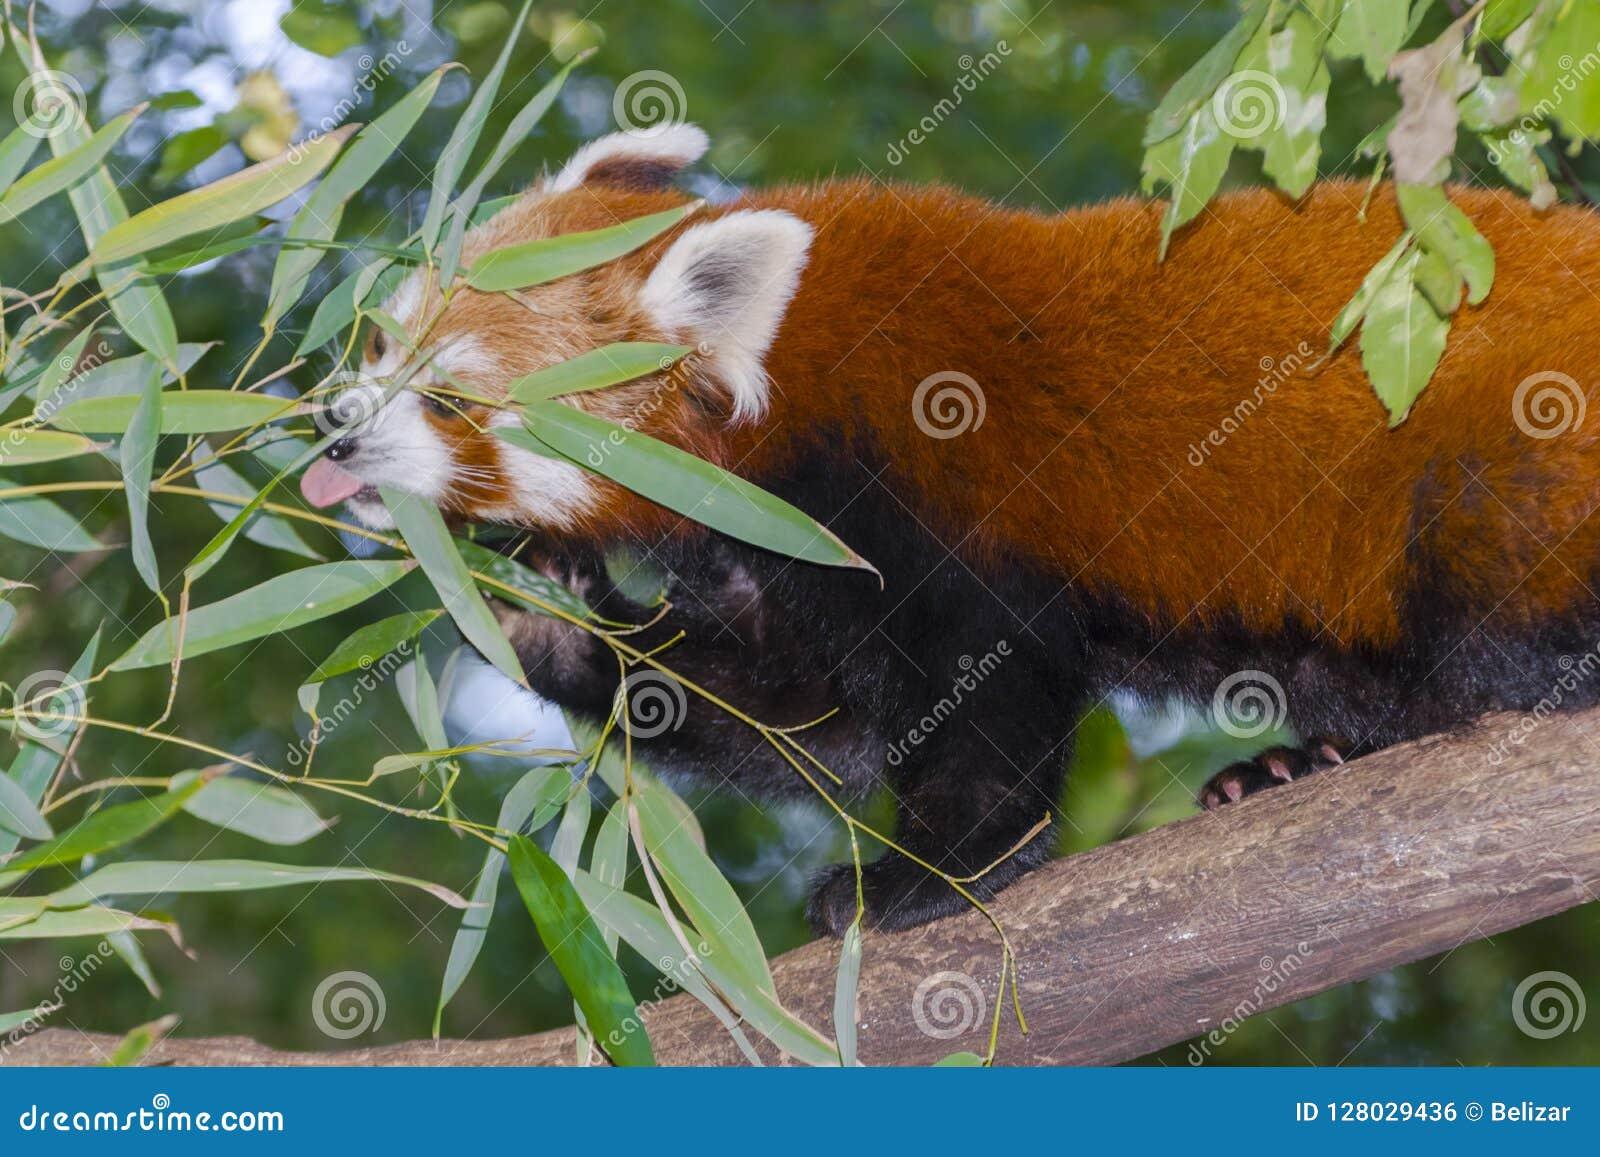 Red or lesser panda